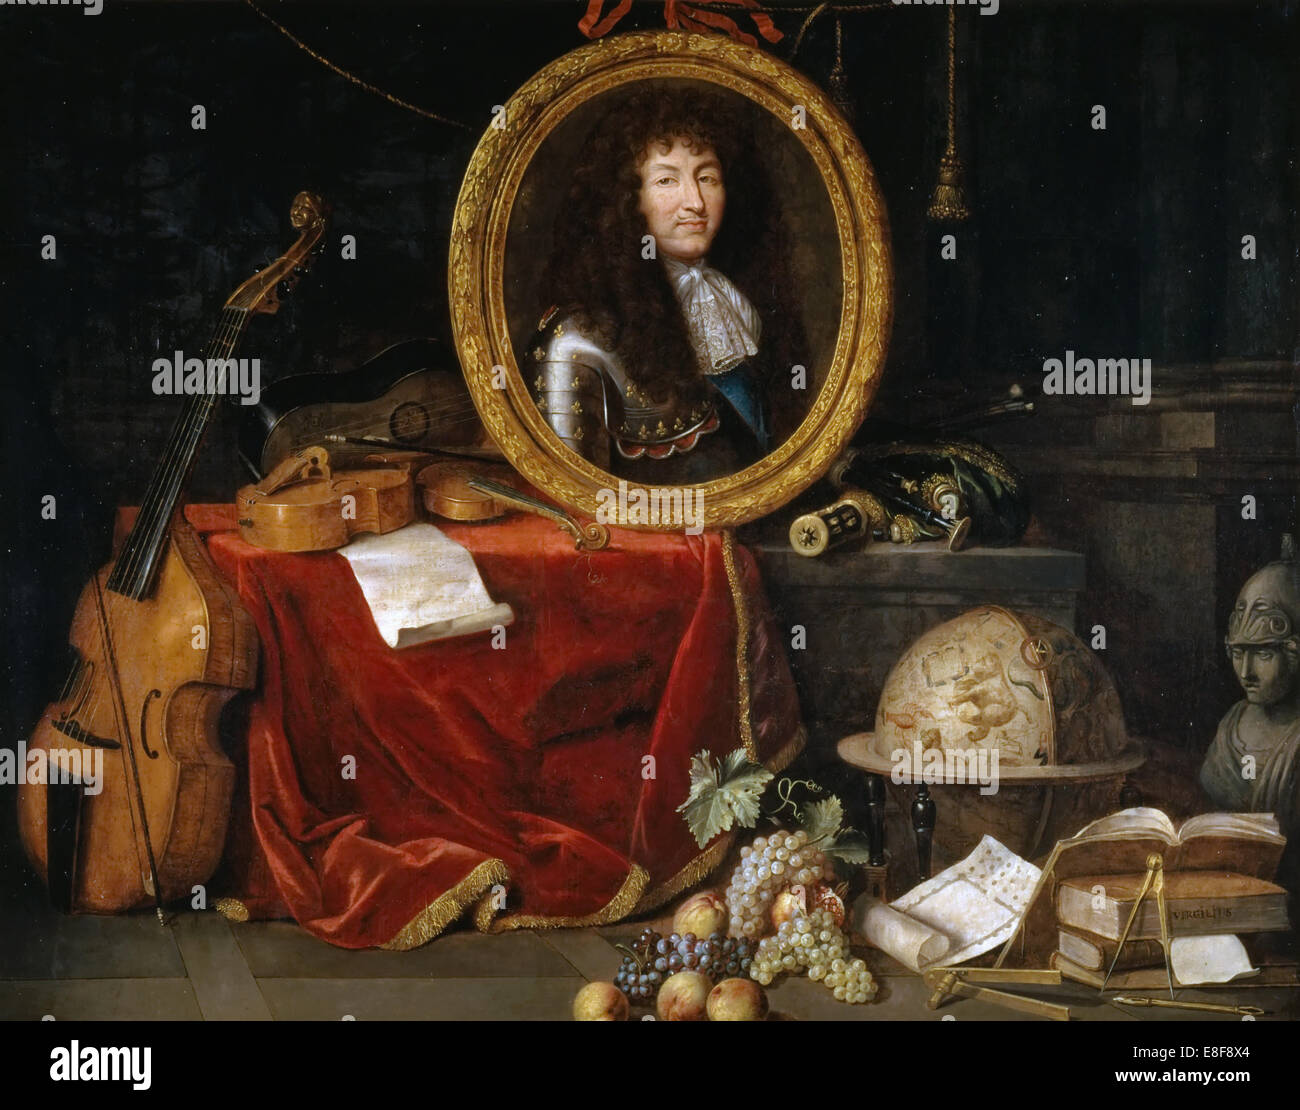 Allégorie de Louis XIV, protecteur des arts et des Sciences. Artiste: Garnier, Jean (1632-1705) Banque D'Images